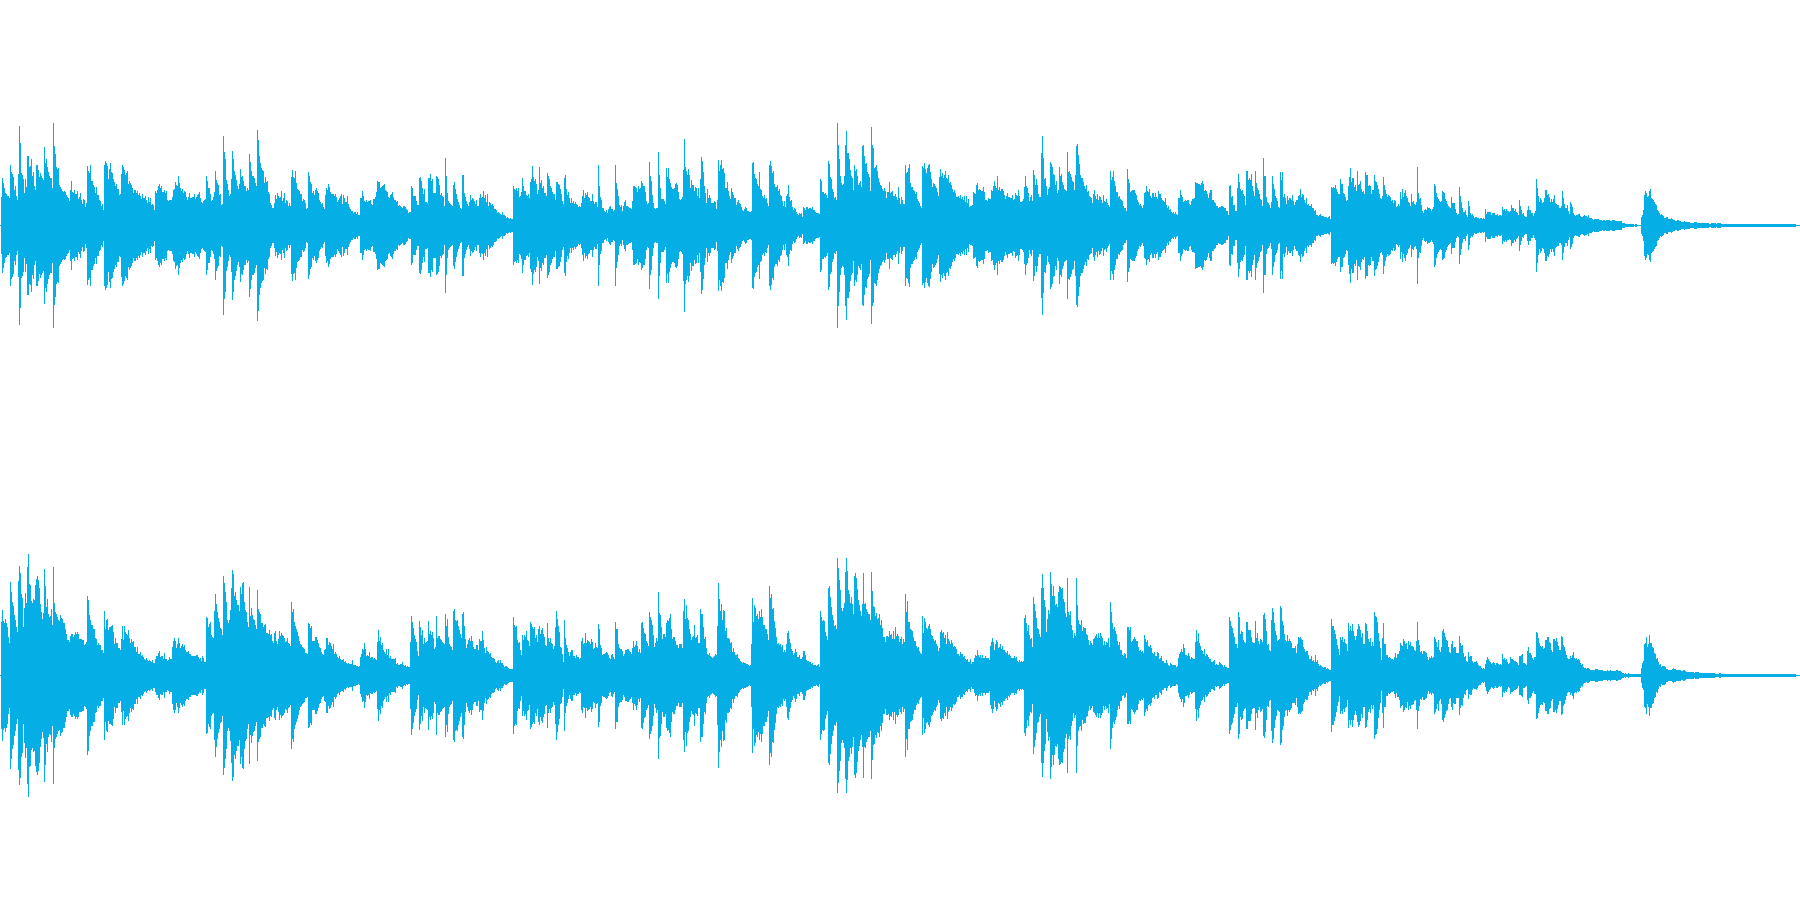 せつない 美しい ピアノのワルツの再生済みの波形